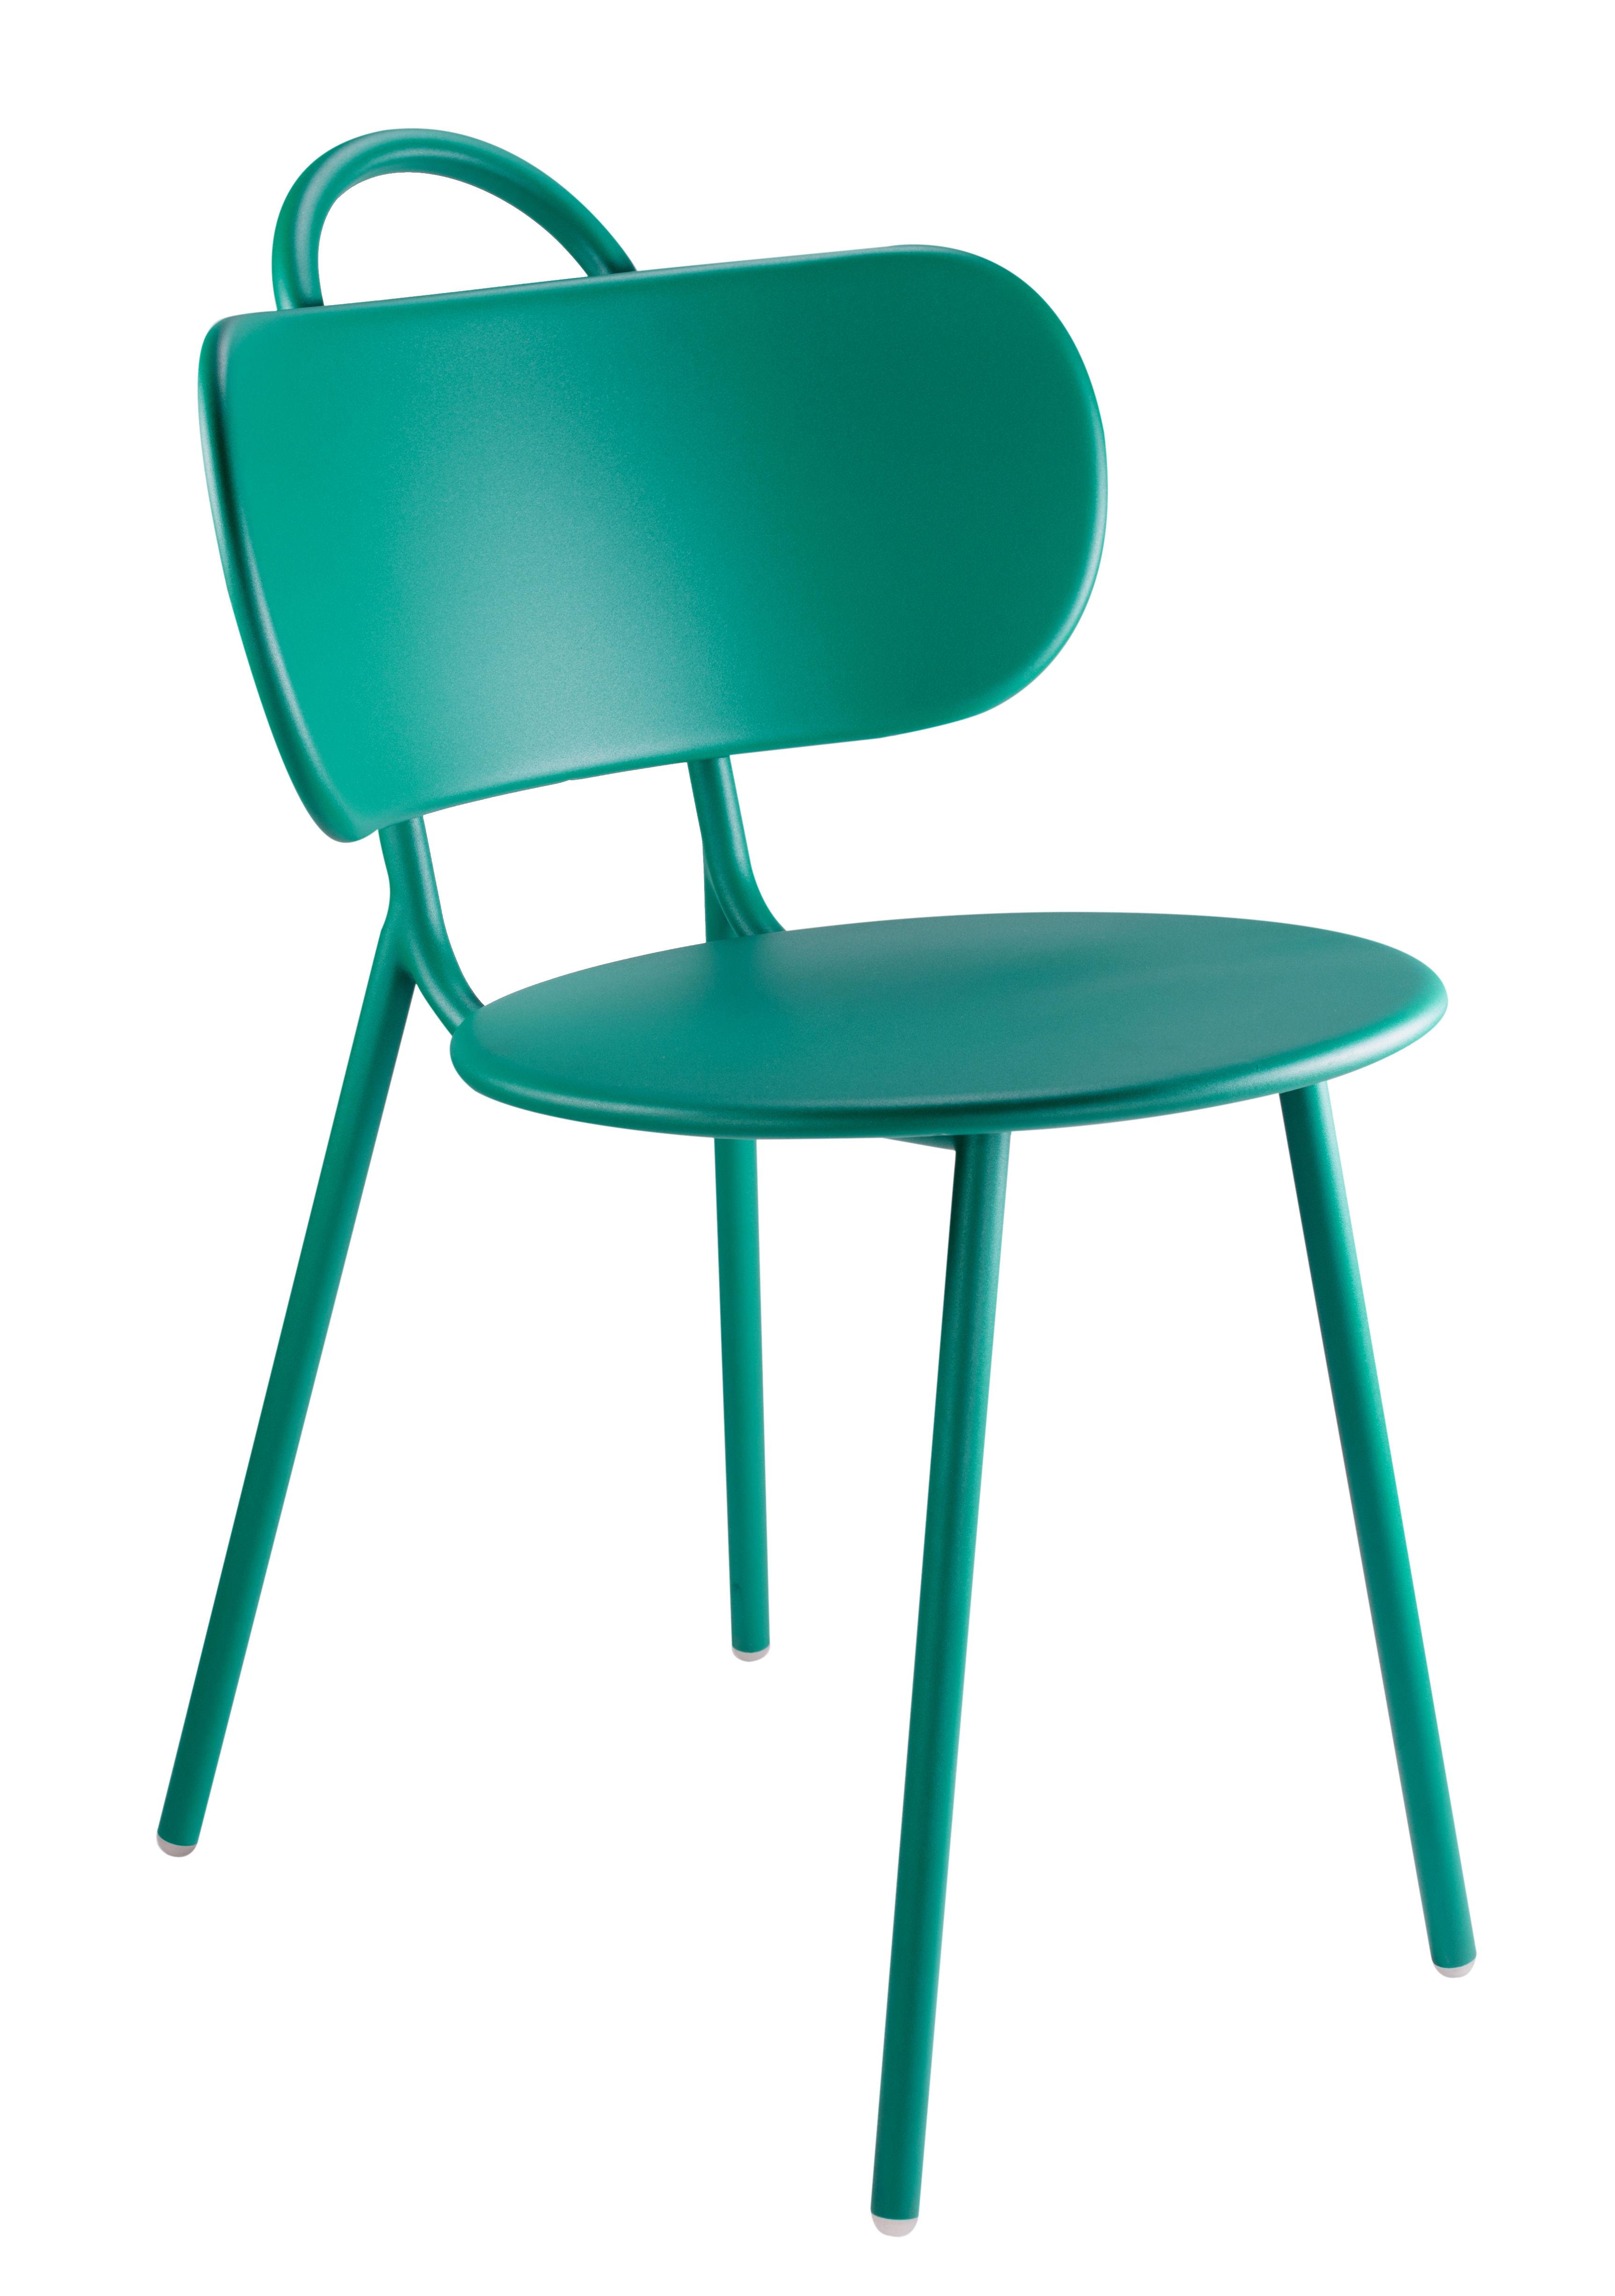 swim stuhl f r haus terrasse und garten metall t rkisblau by bibelo made in design. Black Bedroom Furniture Sets. Home Design Ideas